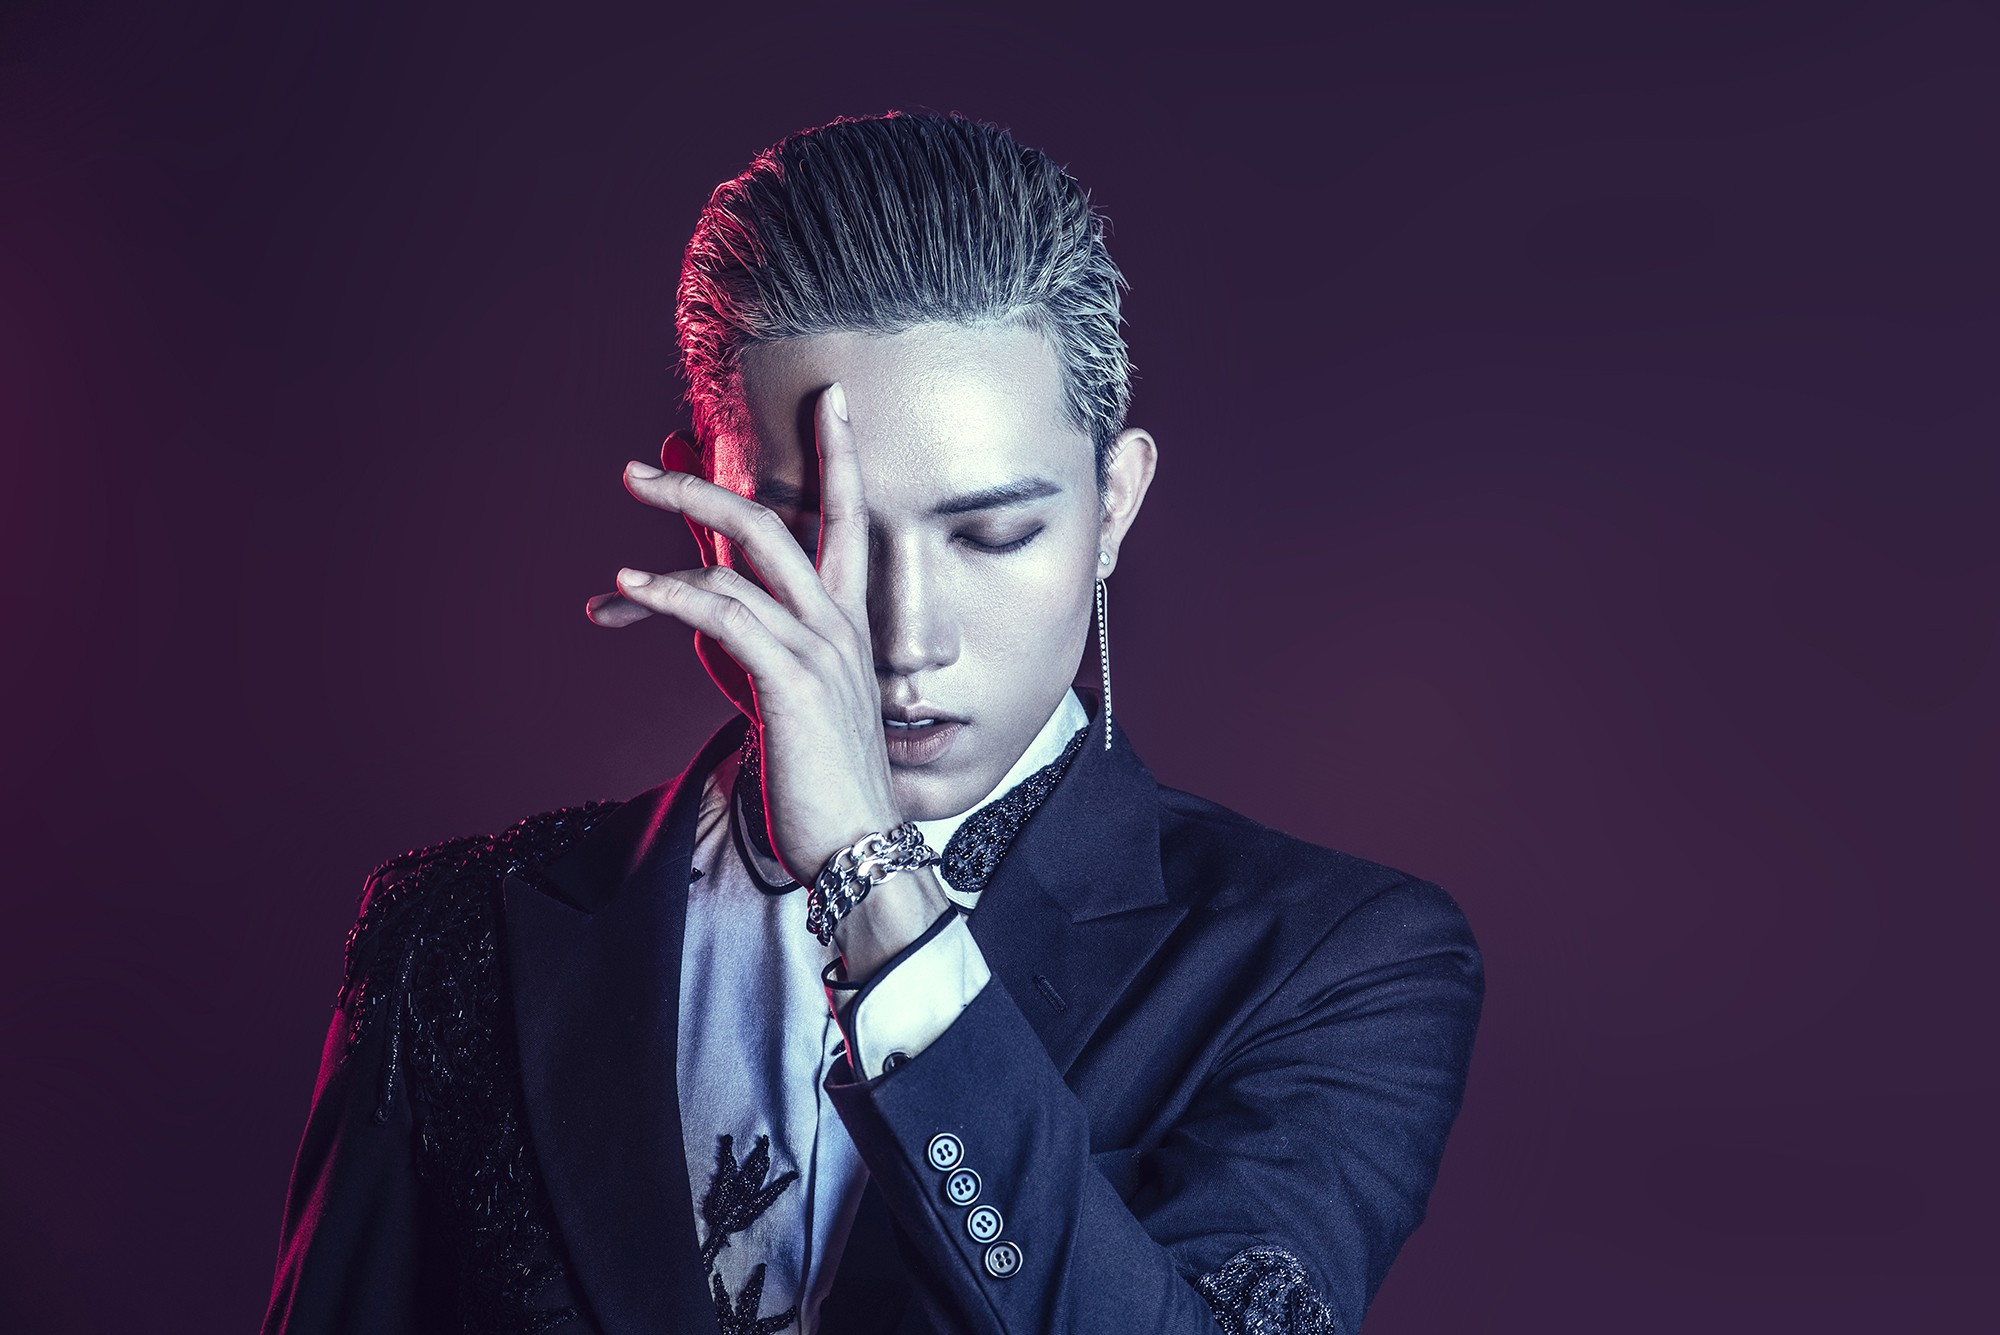 Ông Cao Thắng nhường ca khúc buồn lụi tim cho Anh Tú (The Voice) chào sân Vpop - Ảnh 4.